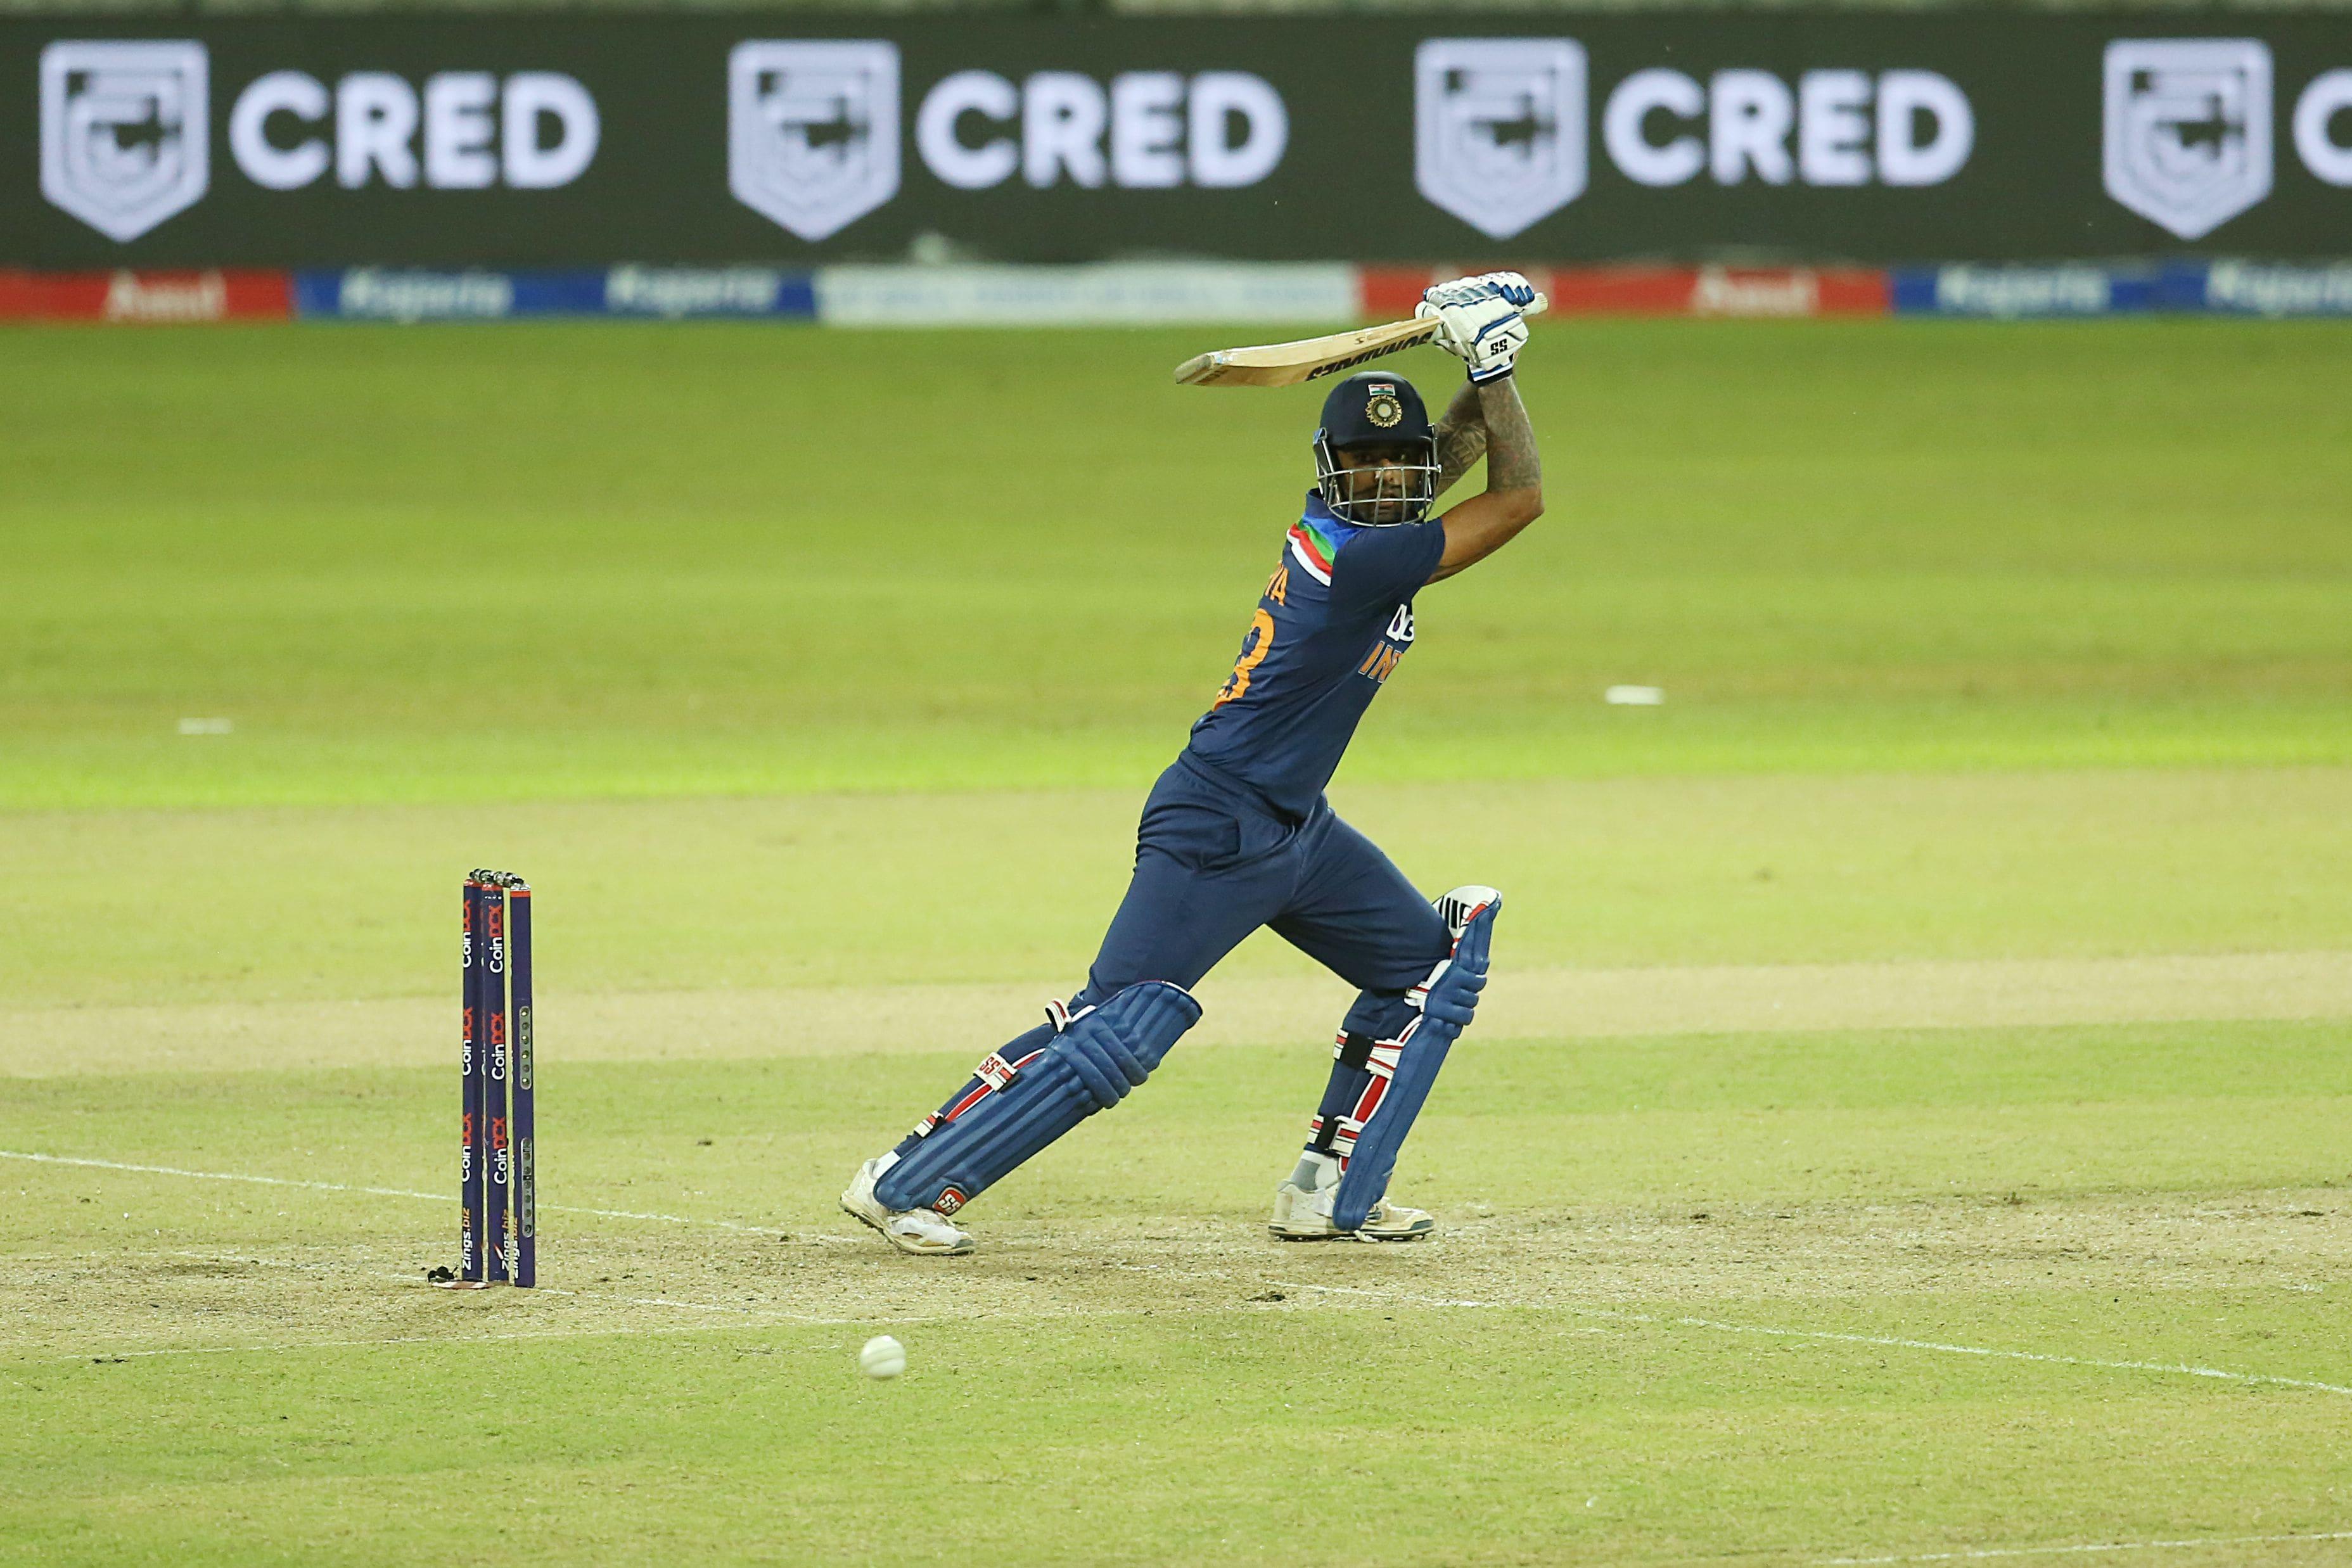 India vs Sri Lanka: Suryakumar Yadav's batting is amazing to watch says Shikhar Dhawan